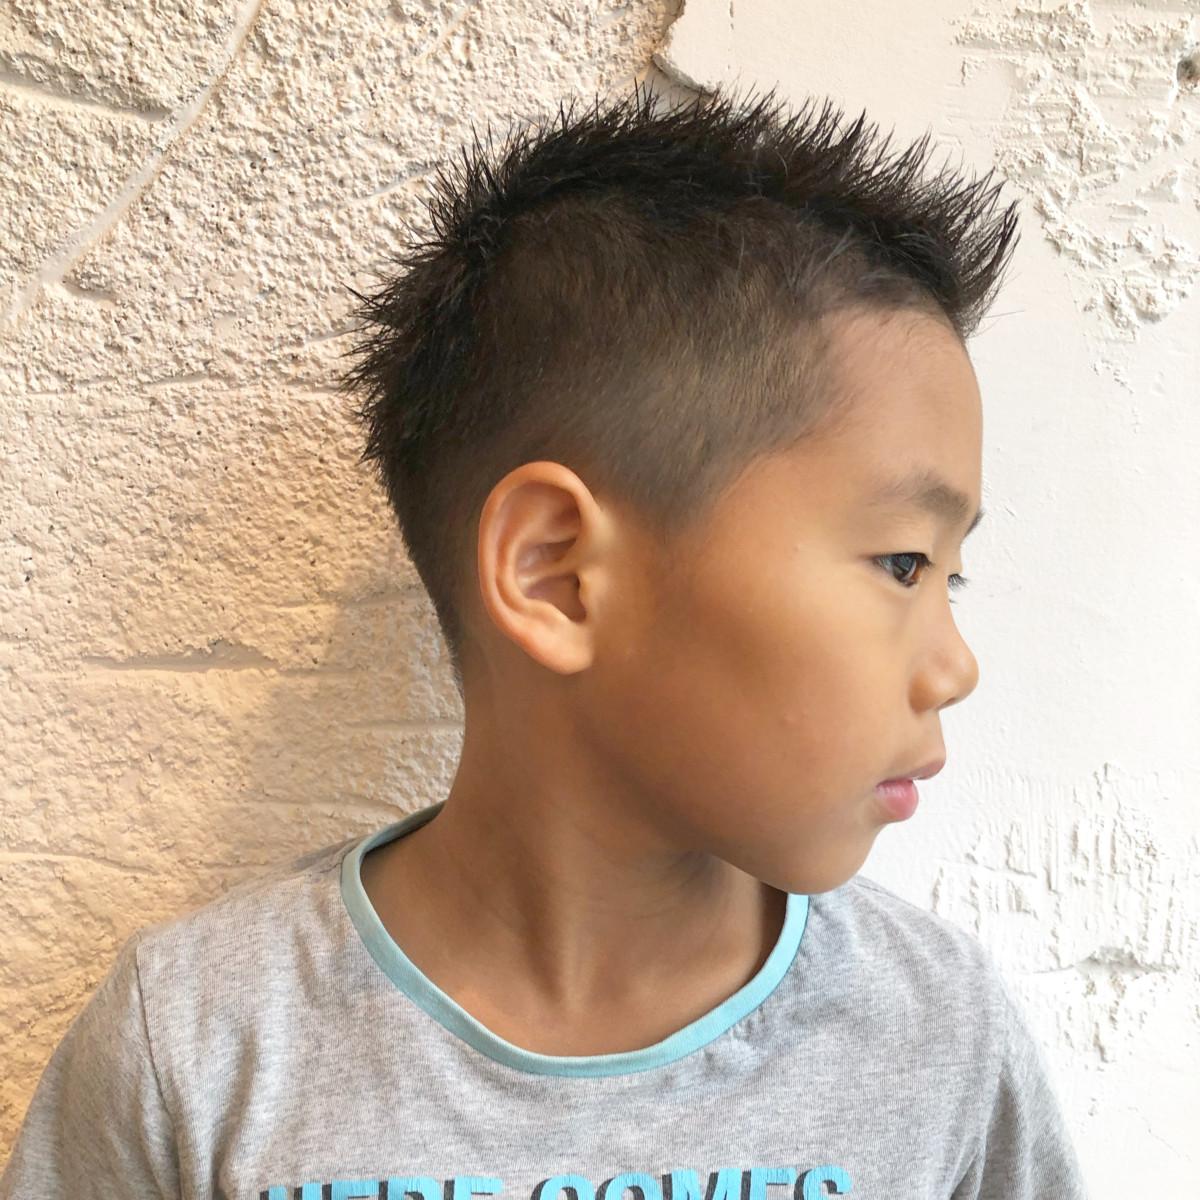 子供 髪型 短髪 小学生男子のおしゃれな髪型|人気のヘアスタイルはどれ?男の子のか...